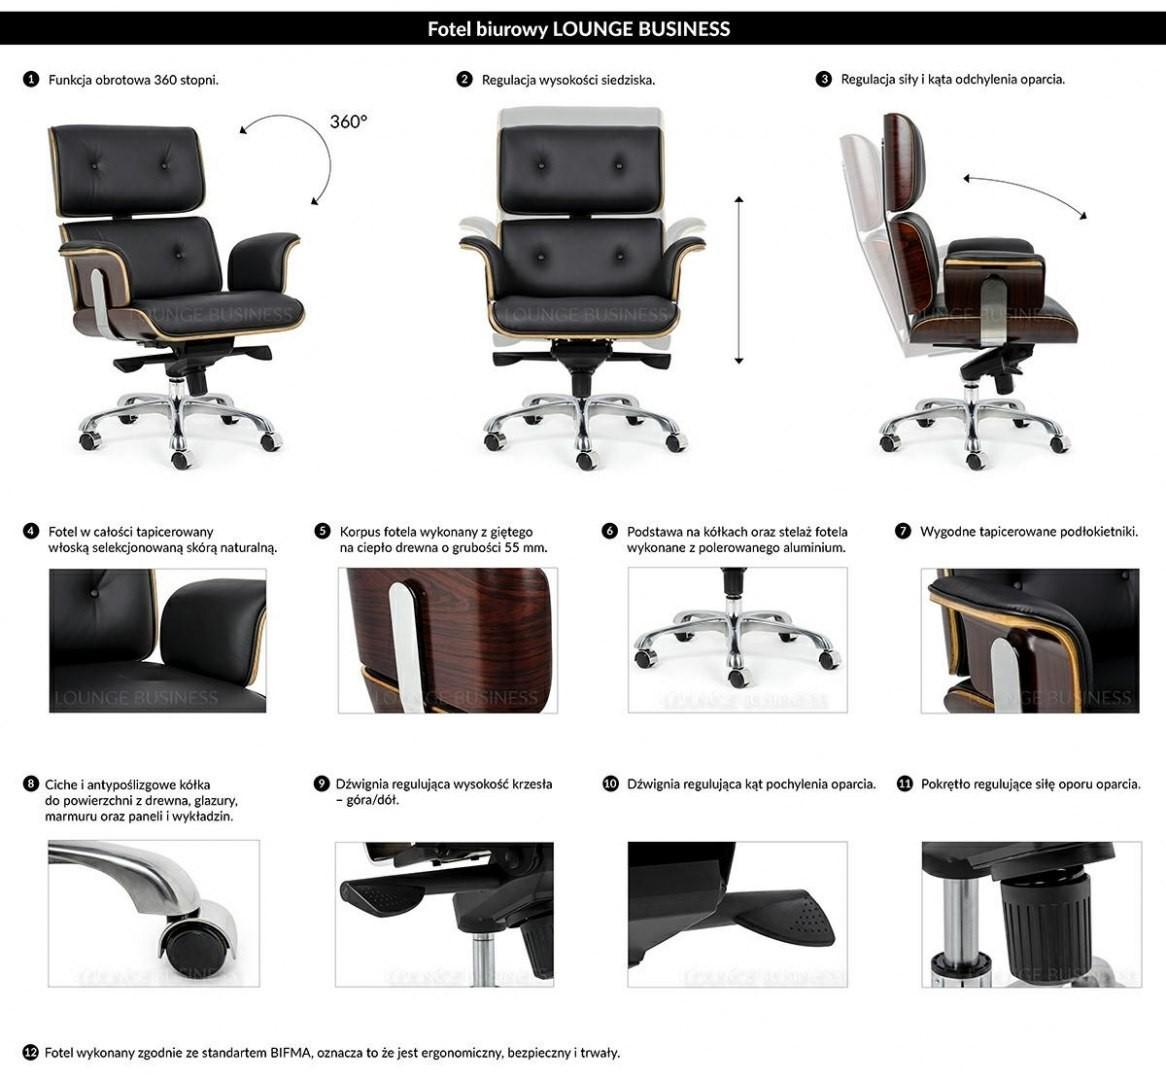 Jak wybrać meble do domowego biura?